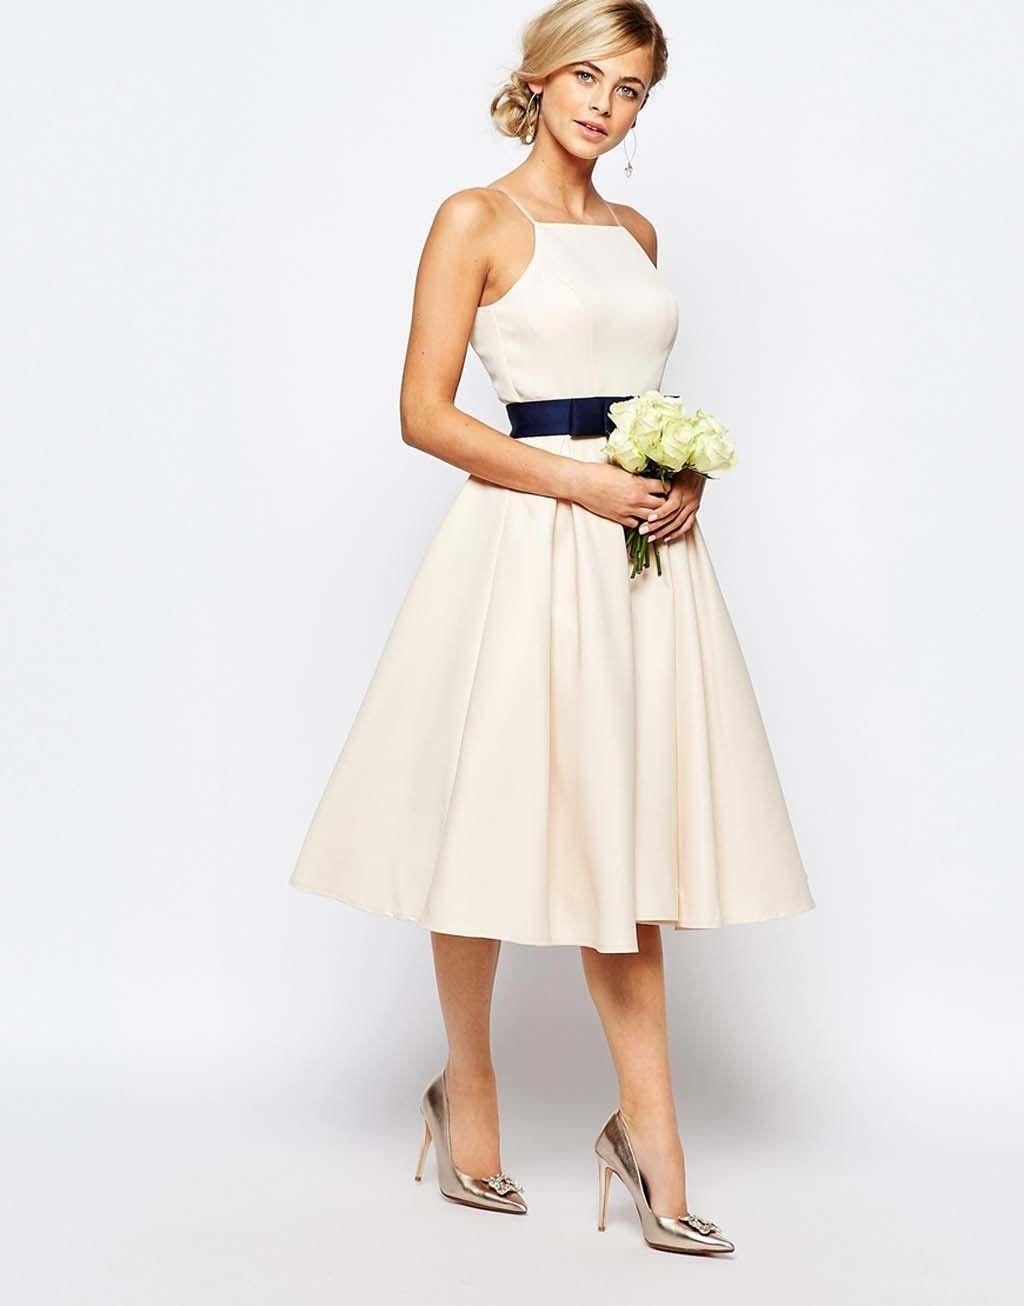 Vestidos de novia por 20 euros